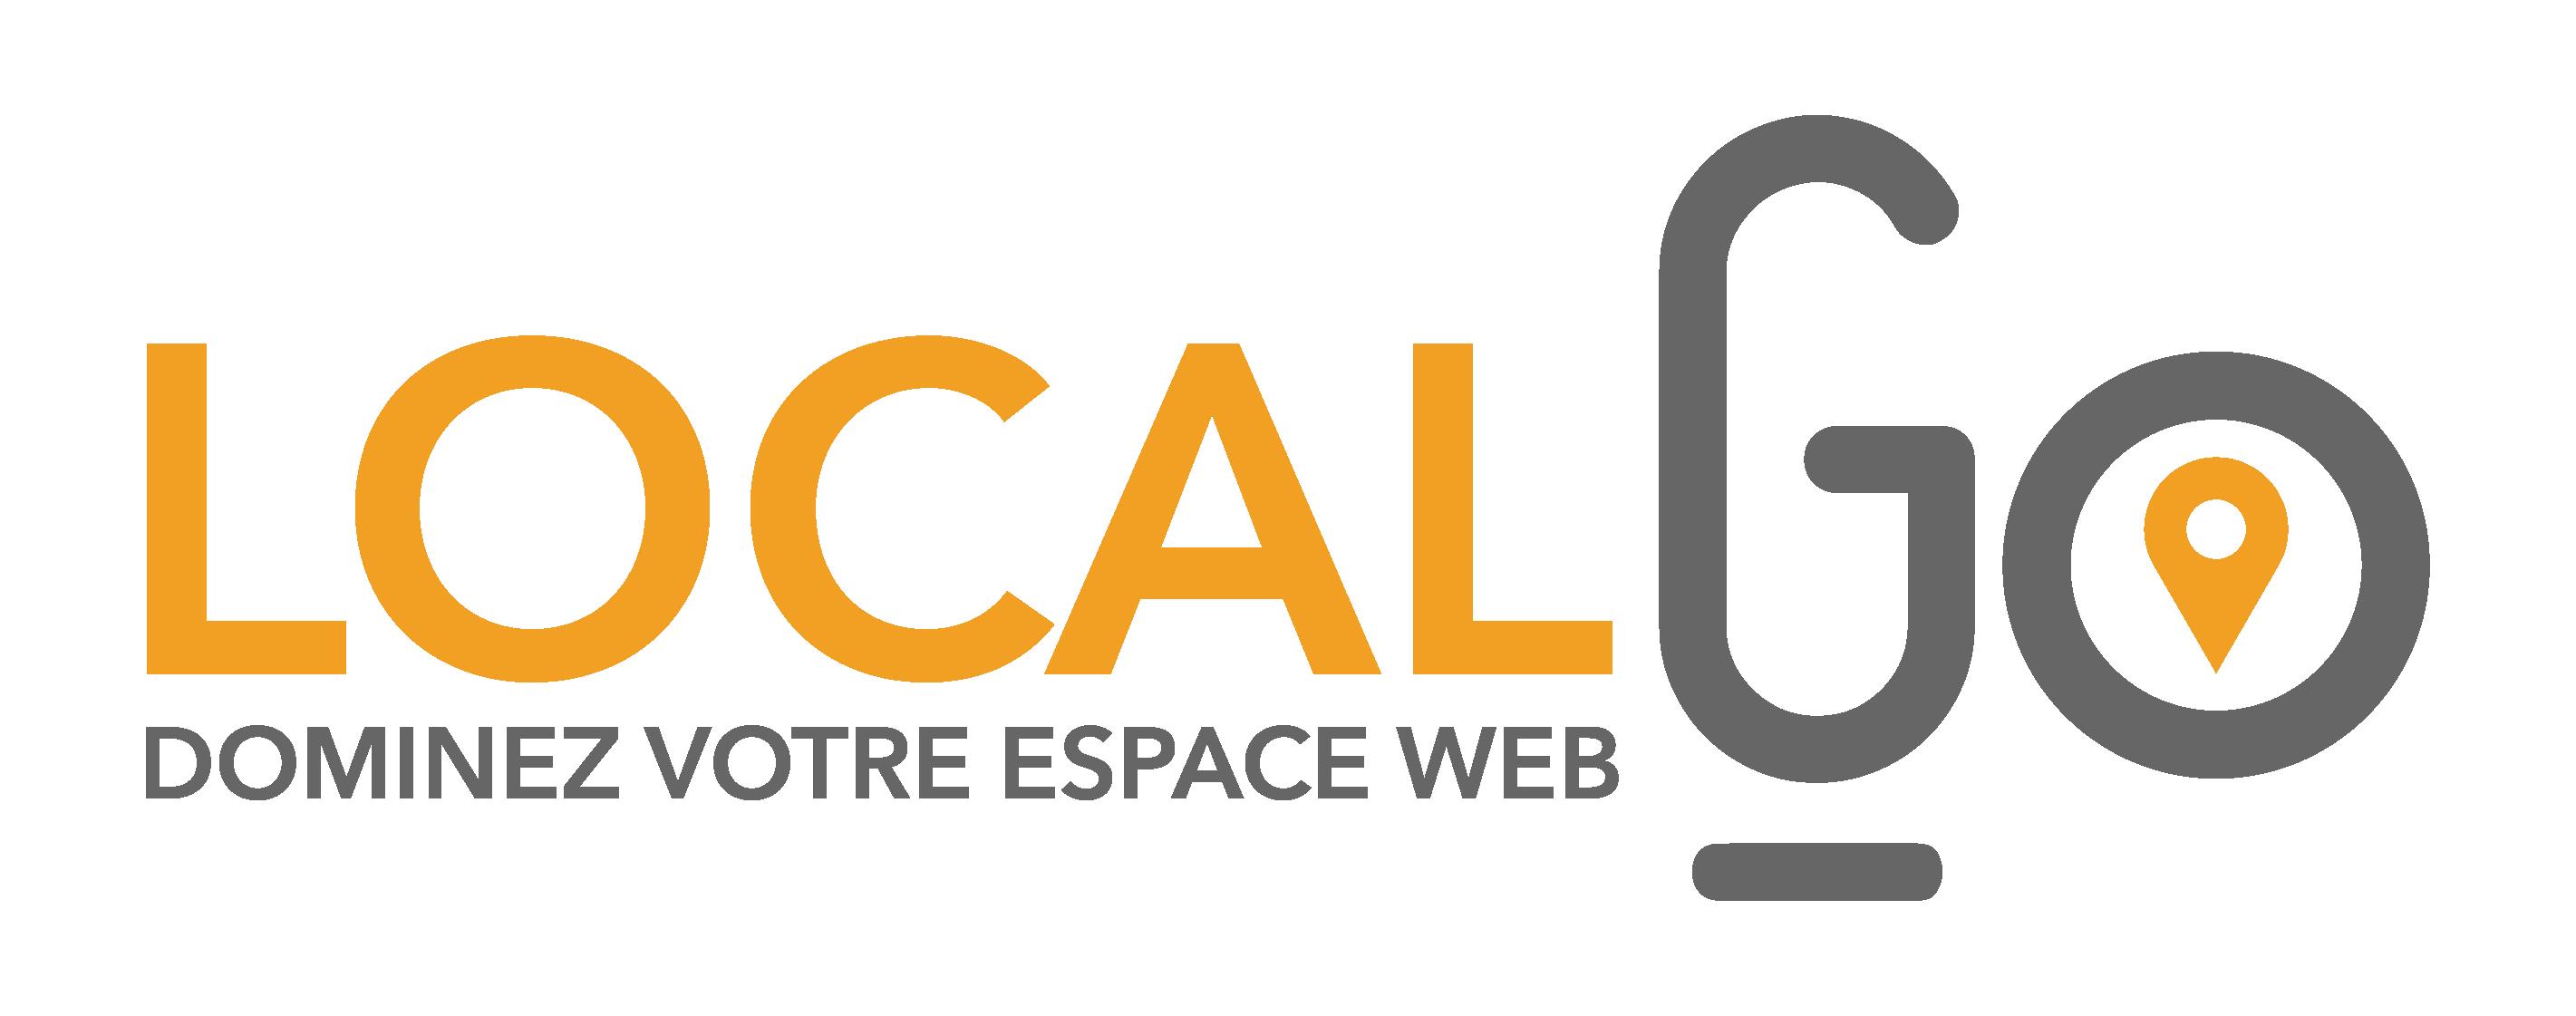 Agence LocalGo